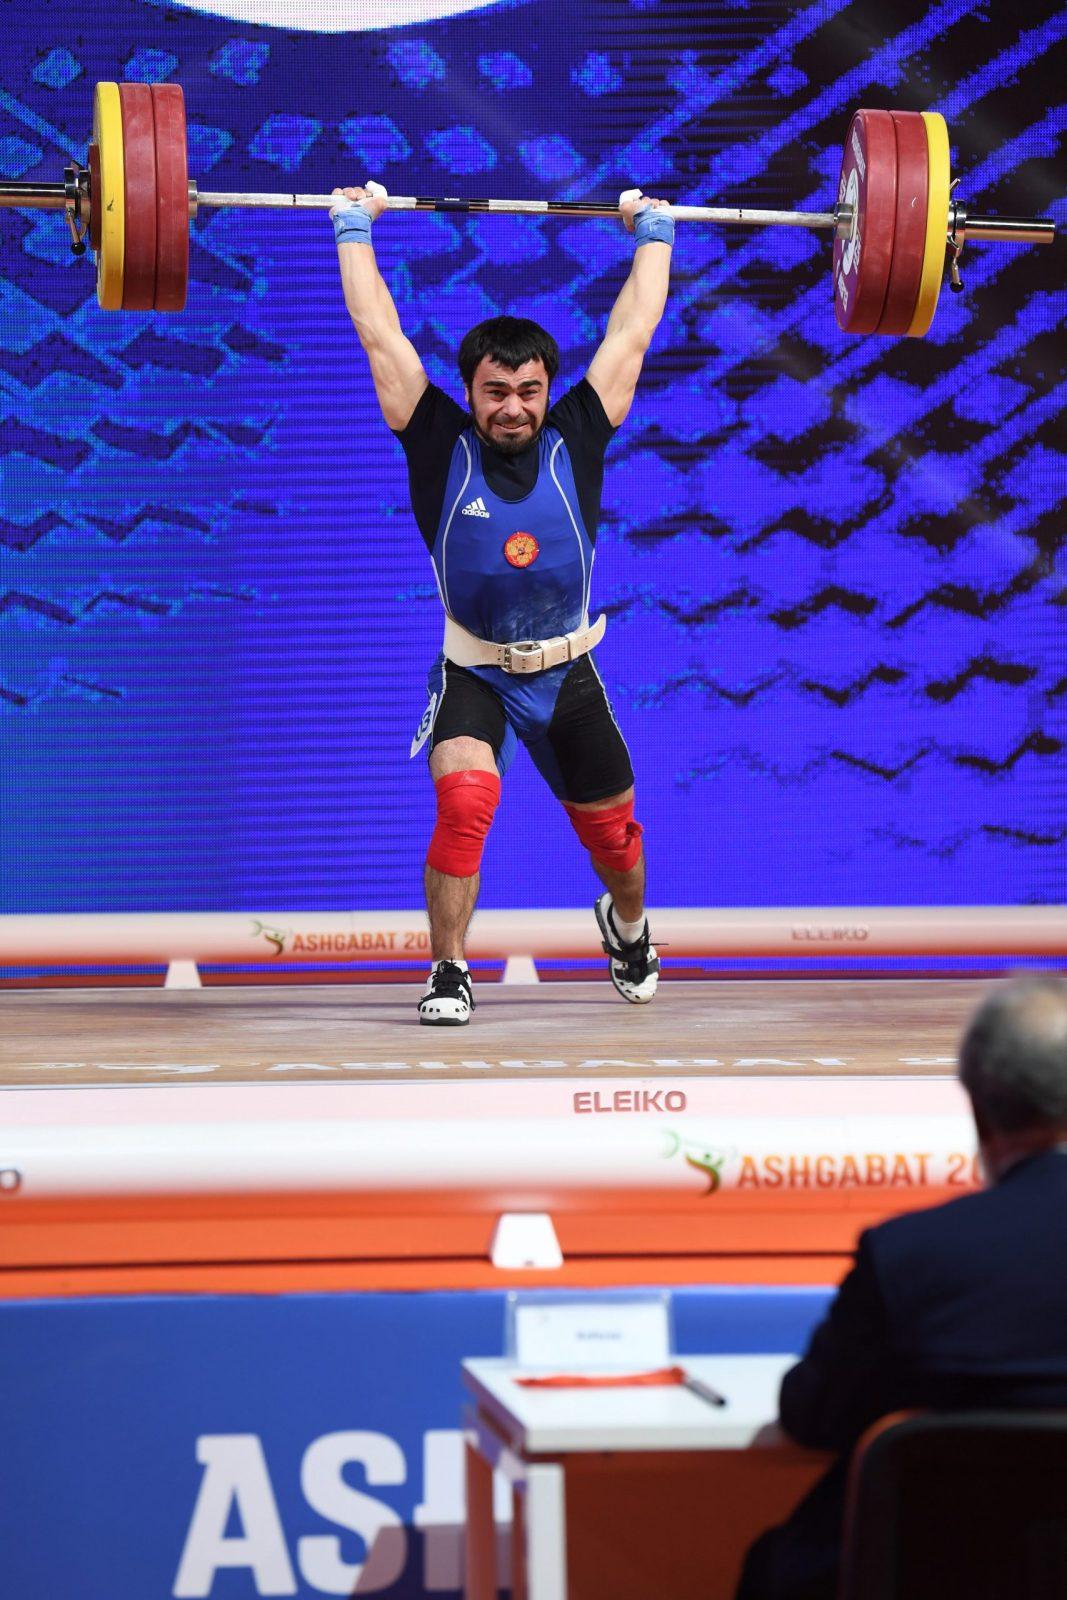 Феликс Халибеков стал пятнадцатым на ЧМ по тяжелой атлетике в Ашхабаде.